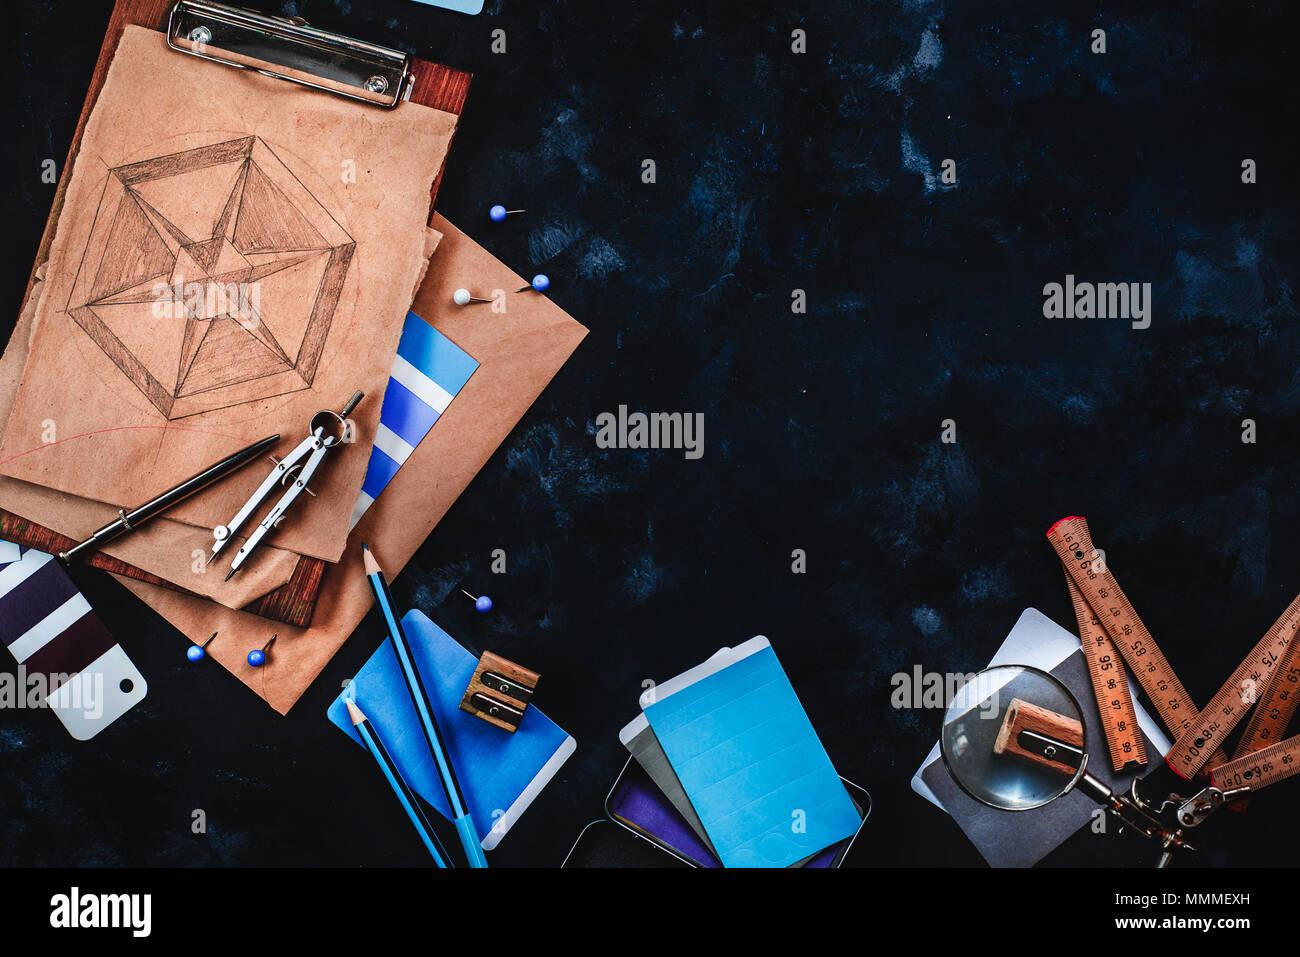 Stiftleiste mit Zeichner oder Konstrukteur Arbeitsplatz mit Handwerk Papier, Skizzen, Zirkel, Lineale, Ablagen und Bleistifte auf einem dunklen Stein Hintergrund. Ansicht von oben Stockbild